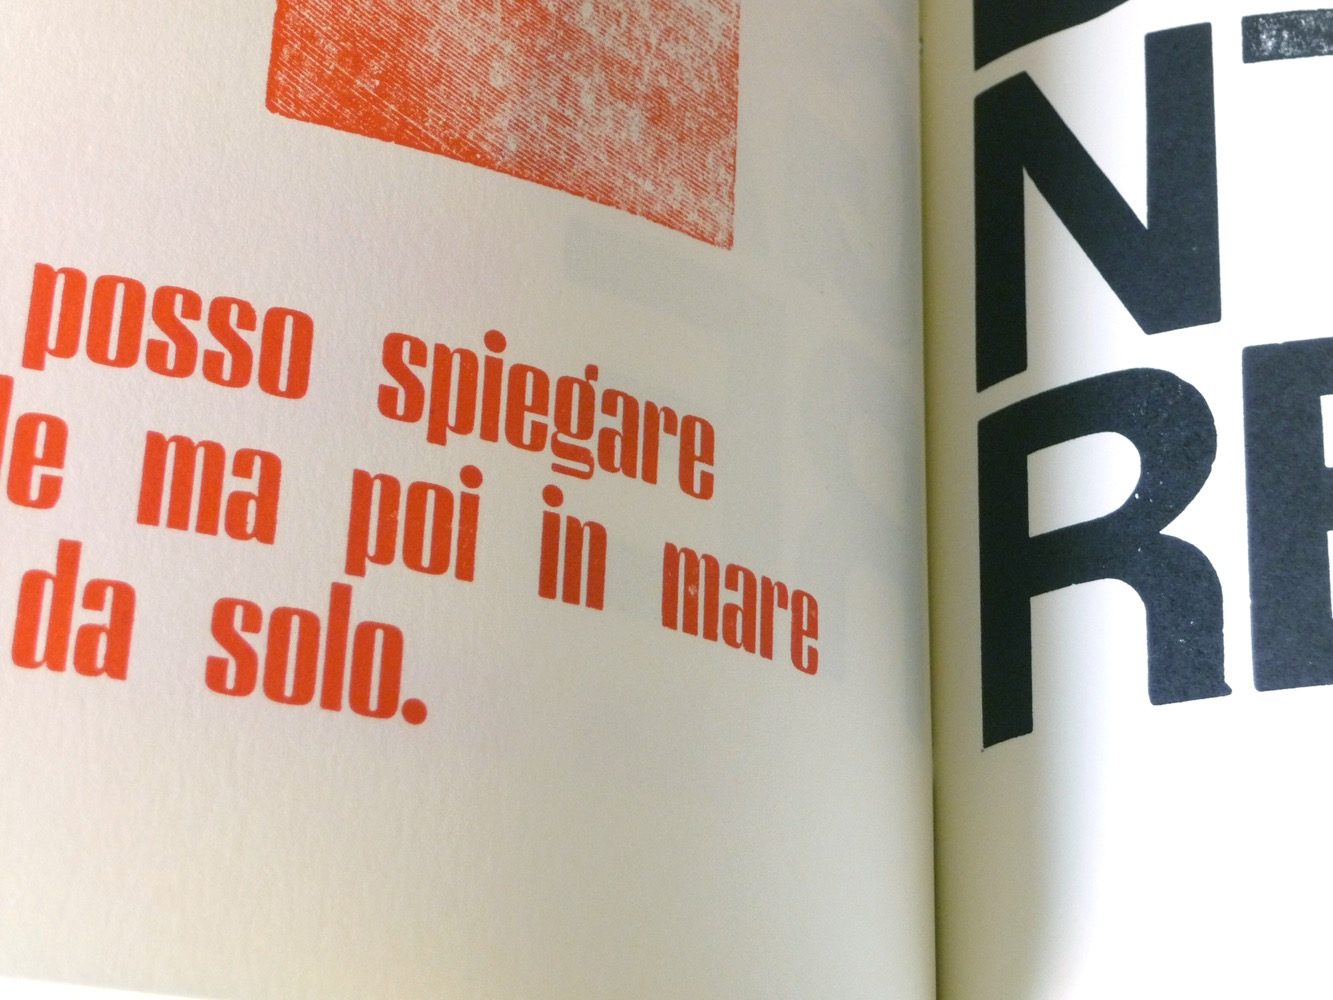 Diverbi Di Verbi 18 pic by Dario Sonatore